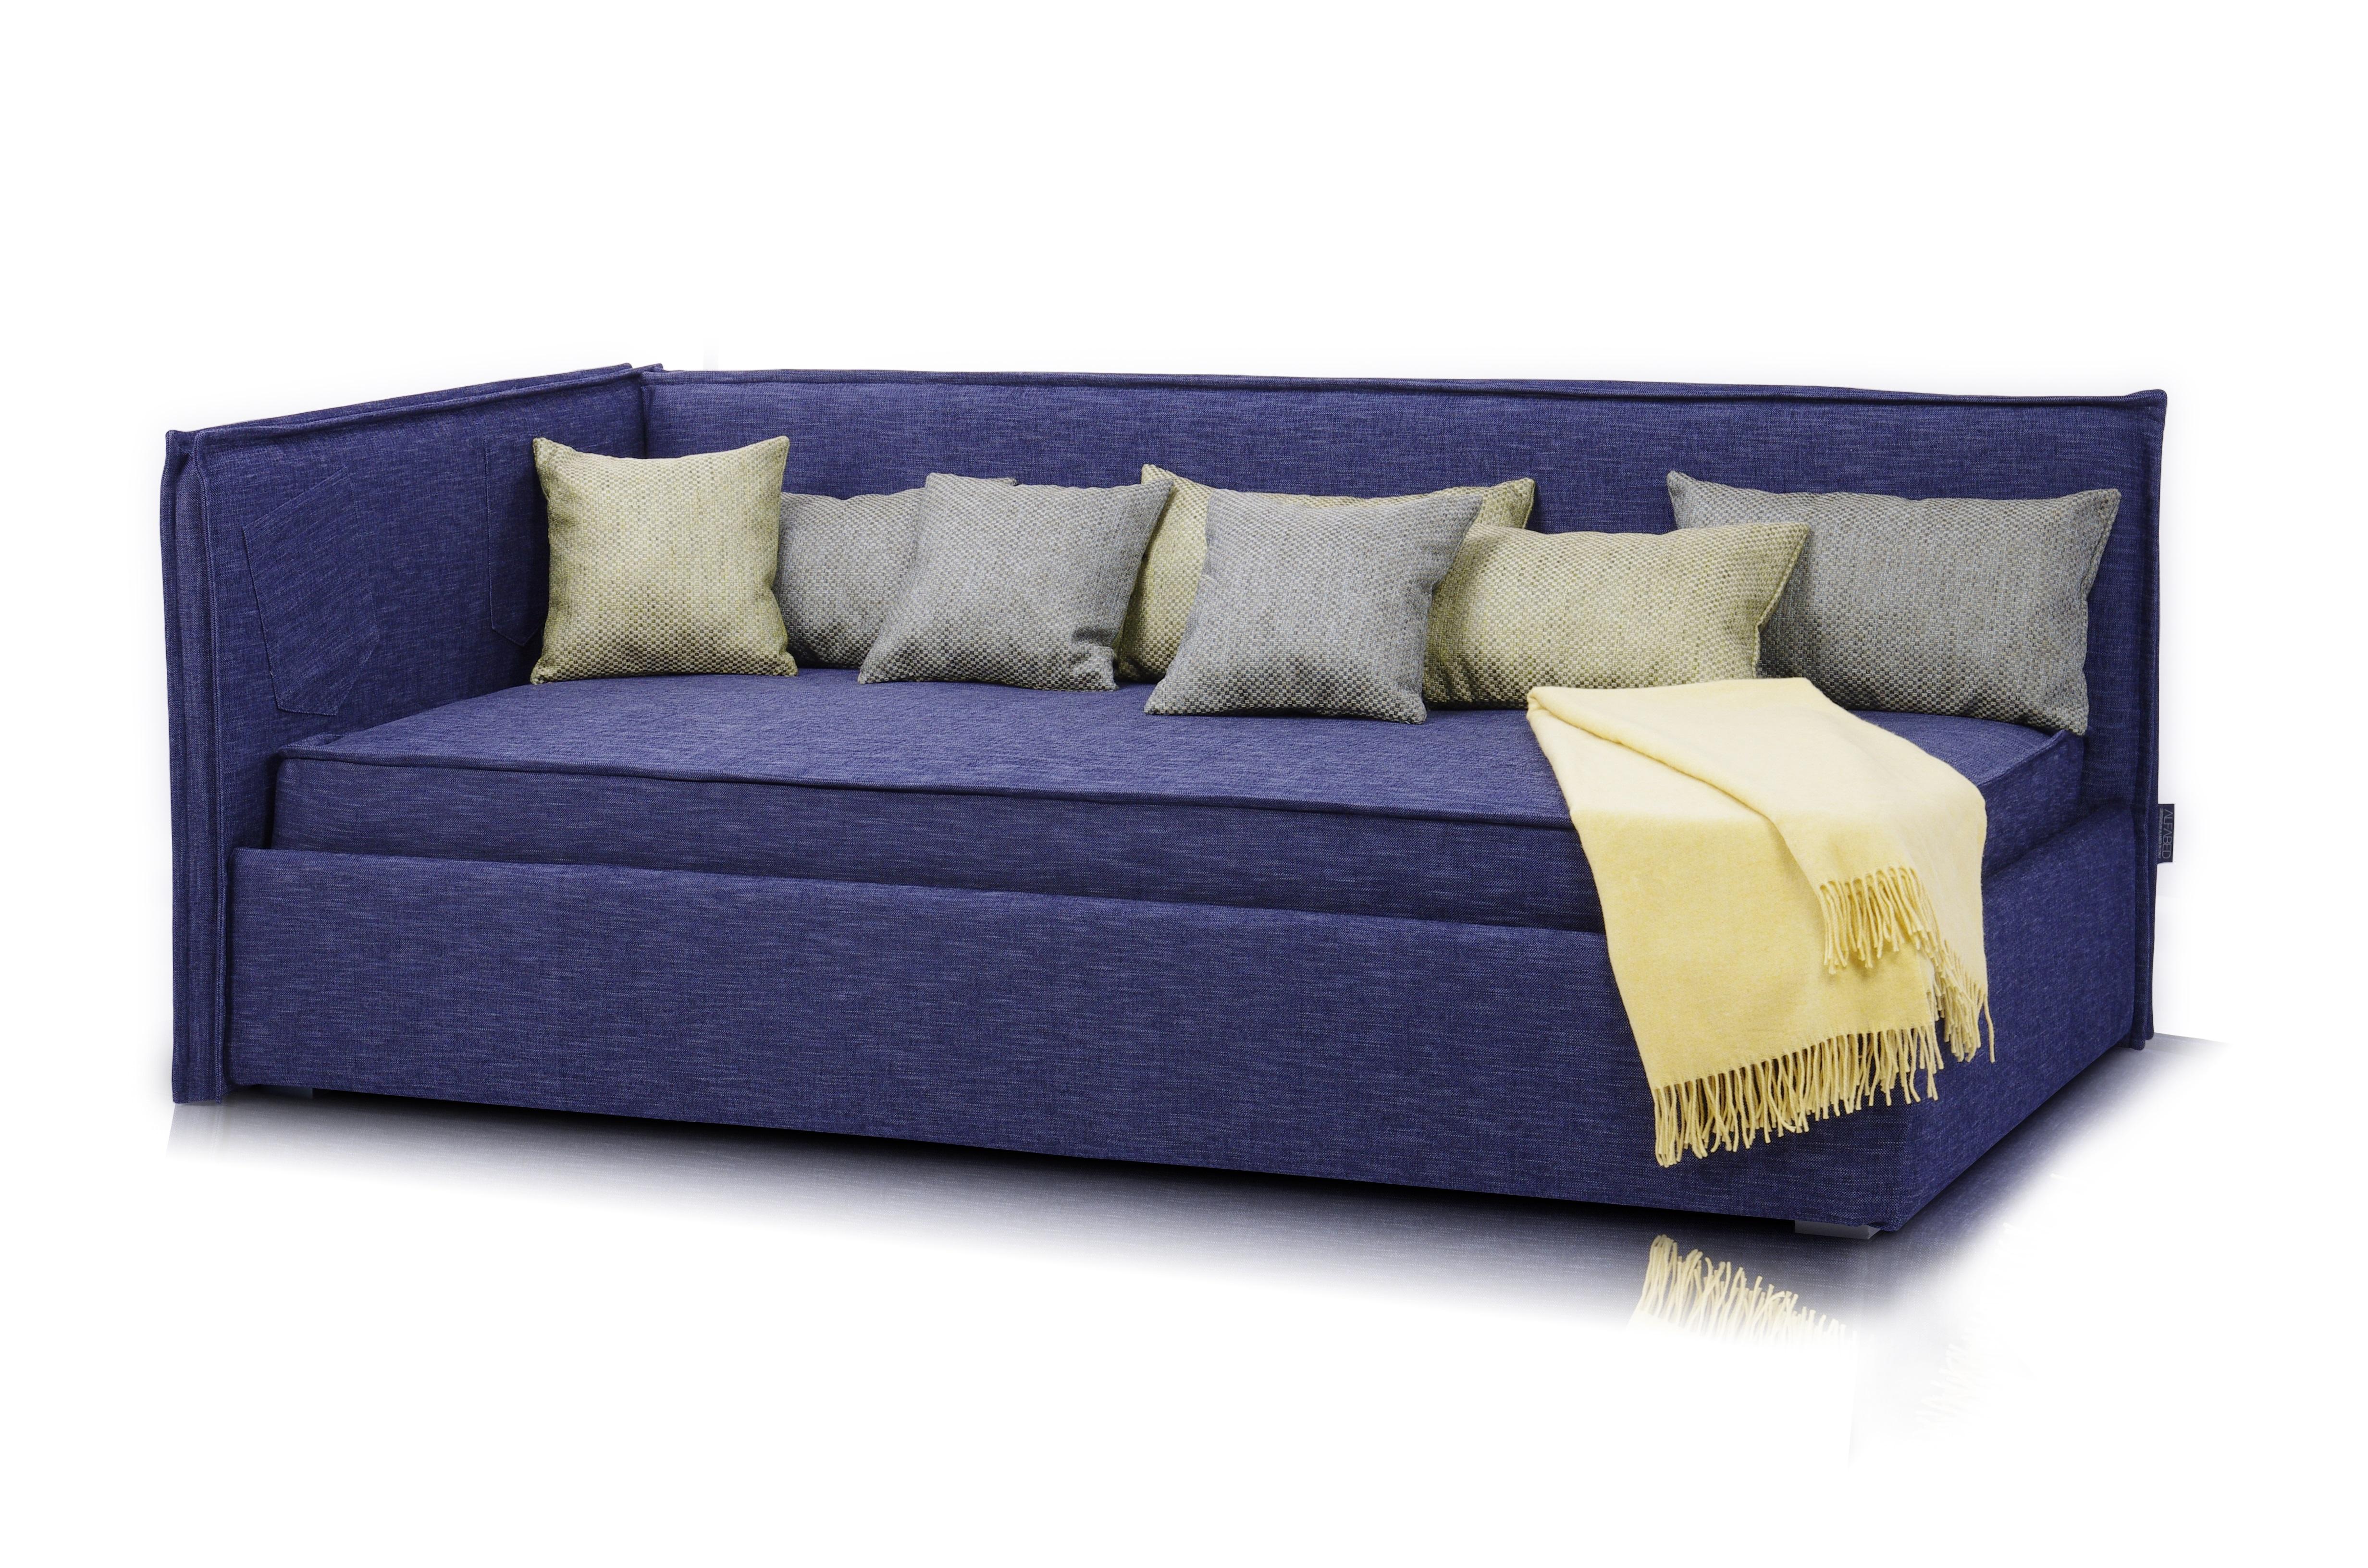 Кровать-диван SoloПрямые раскладные диваны<br>Кровать-диван  «Solo».                                                                                                                                                                                                                                                                                                                                                                                                                                                                                                    Штатный размер посадочного и спального места 200х120<br>Ортопедическое основание входит в комплект <br>Ортопедический матрас в комплекте.<br>Декоративные подушки входят в комплект поставки<br>Плед в комплект не входит<br>Элемент дизайна: отличается современным дизайном и высокой функциональностью. Он занимает мало места и способен вписаться в помещение,оформленное в любом стиле <br>Цвет синий Denim<br>Все чехлы съемные на липучках (можно чистить)&amp;amp;nbsp;&amp;lt;div&amp;gt;Декоративные подушки и плед в стоимость не входят.&amp;lt;/div&amp;gt;<br><br>Material: Текстиль<br>Length см: None<br>Width см: 210<br>Depth см: 130<br>Height см: 90